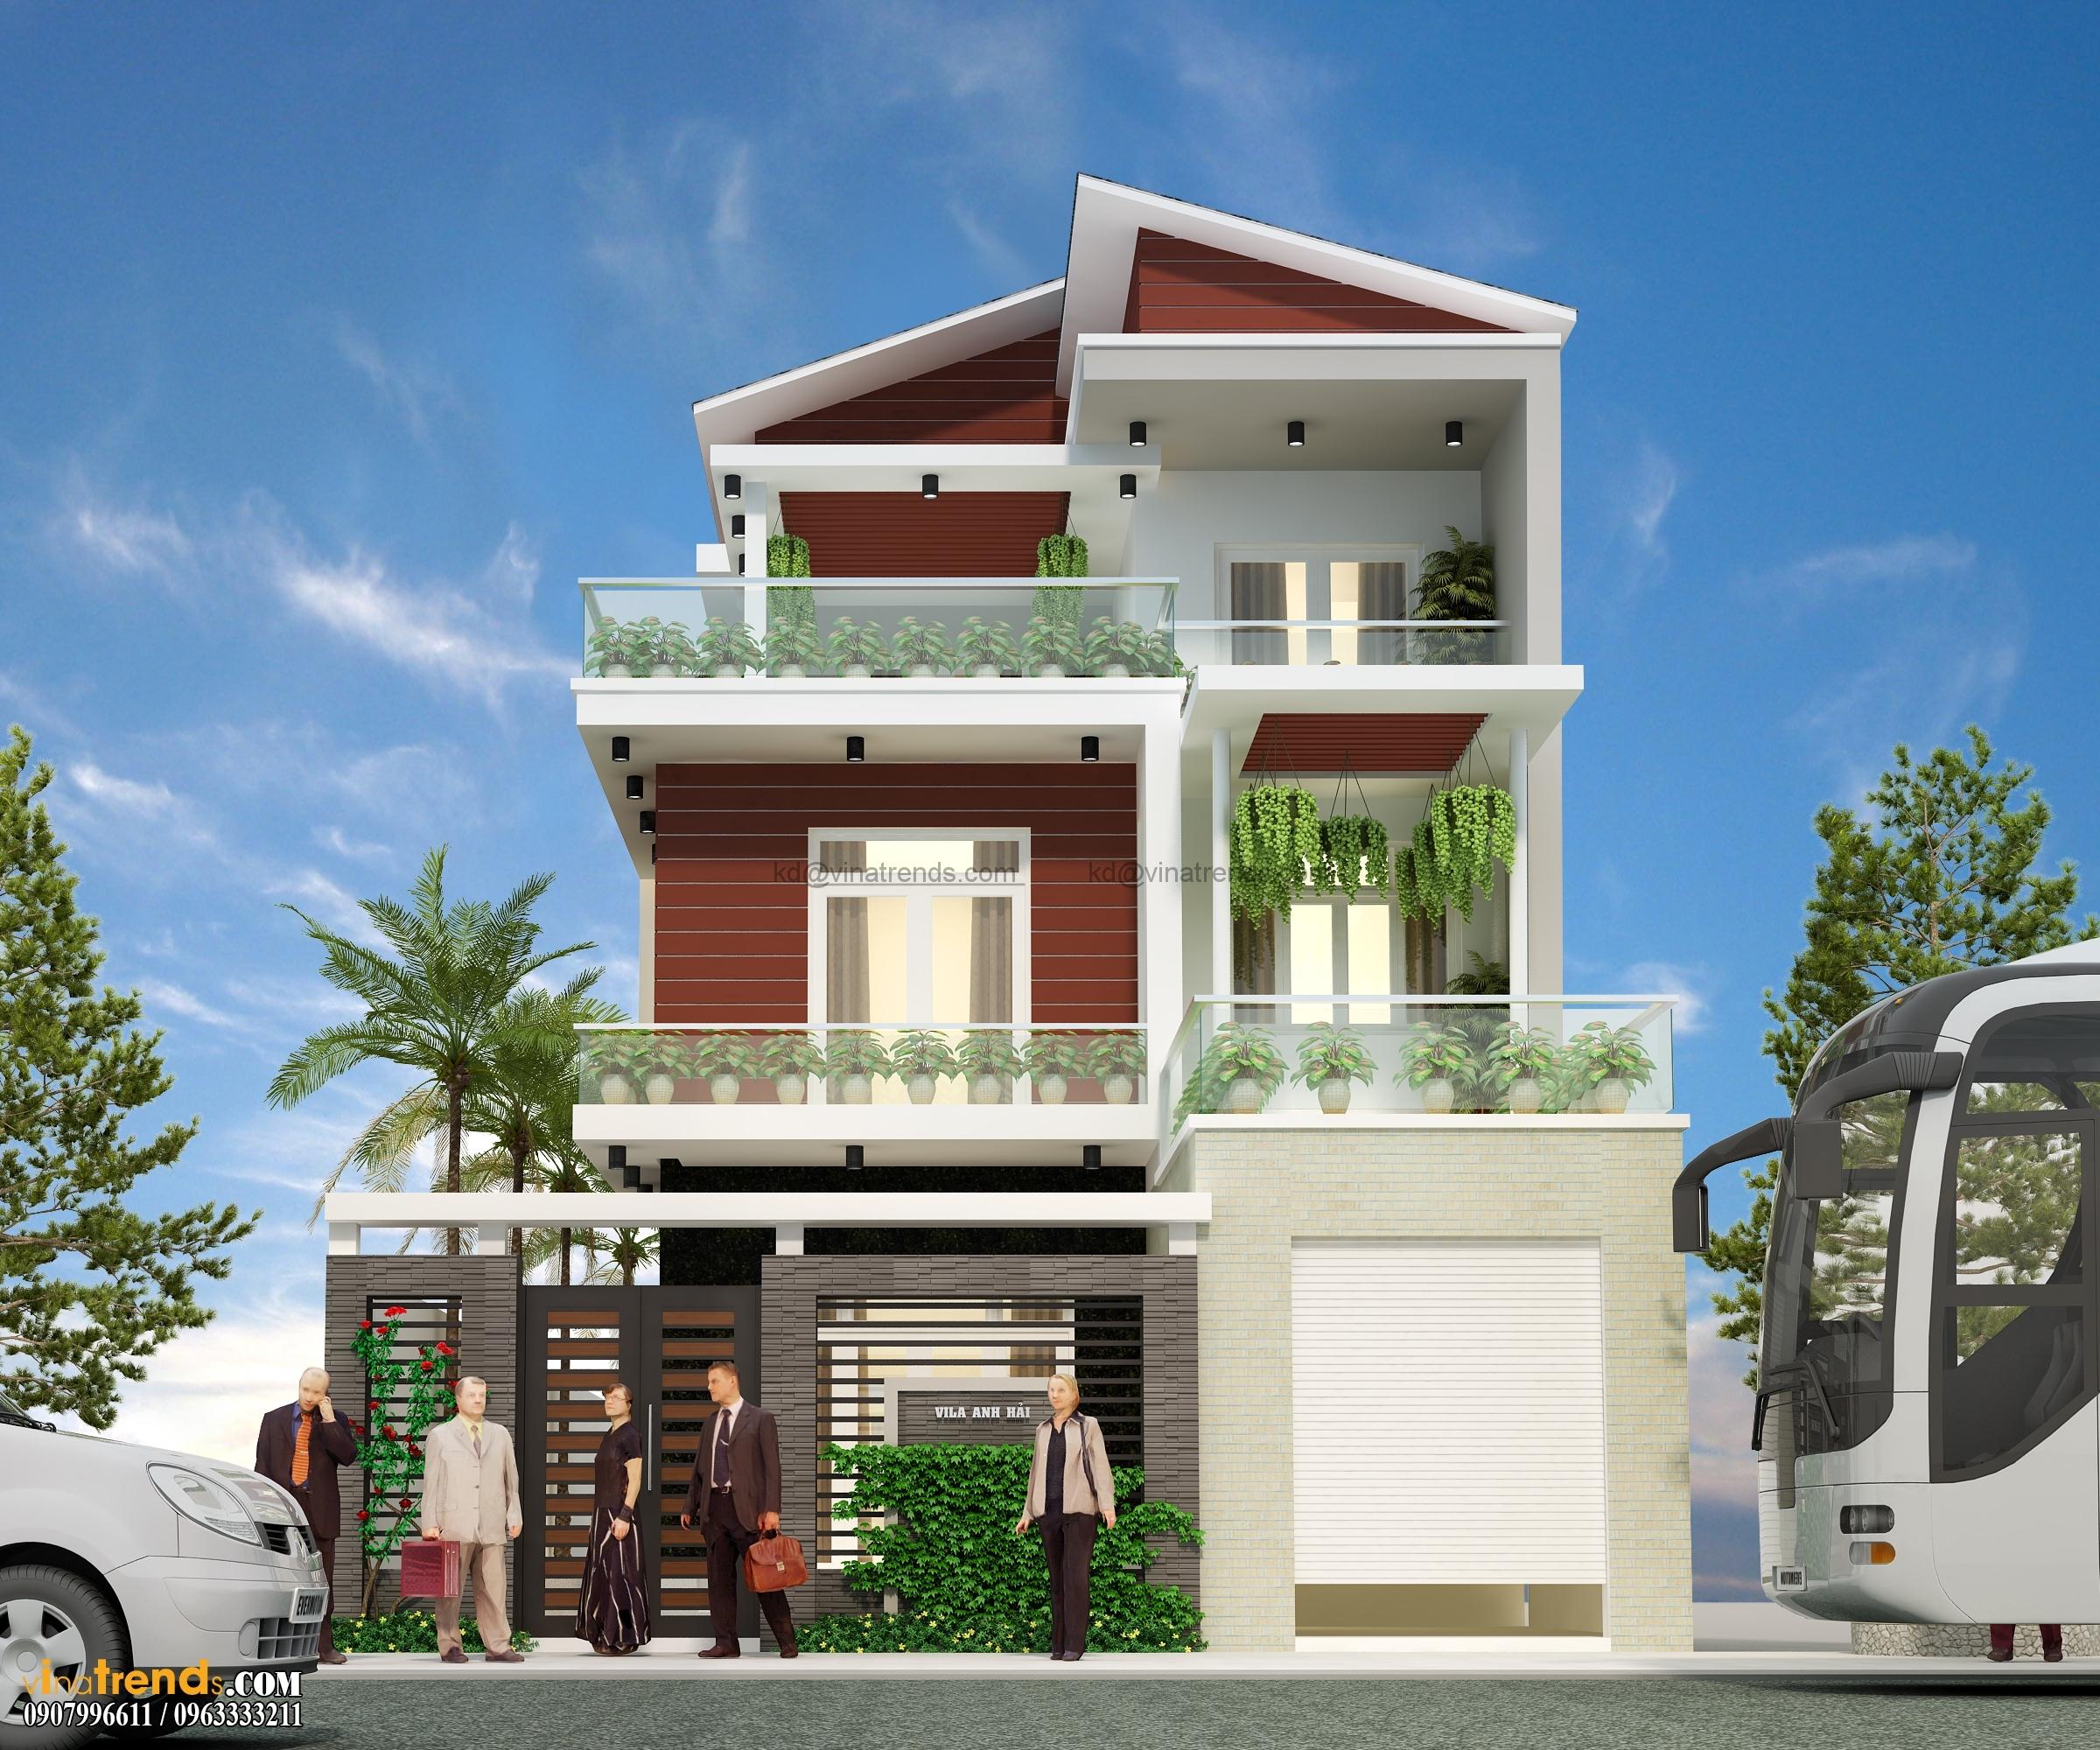 Phối cảnh mẫu thiết kế biệt thự đẹp 3 tầng 9x24m hiện đại